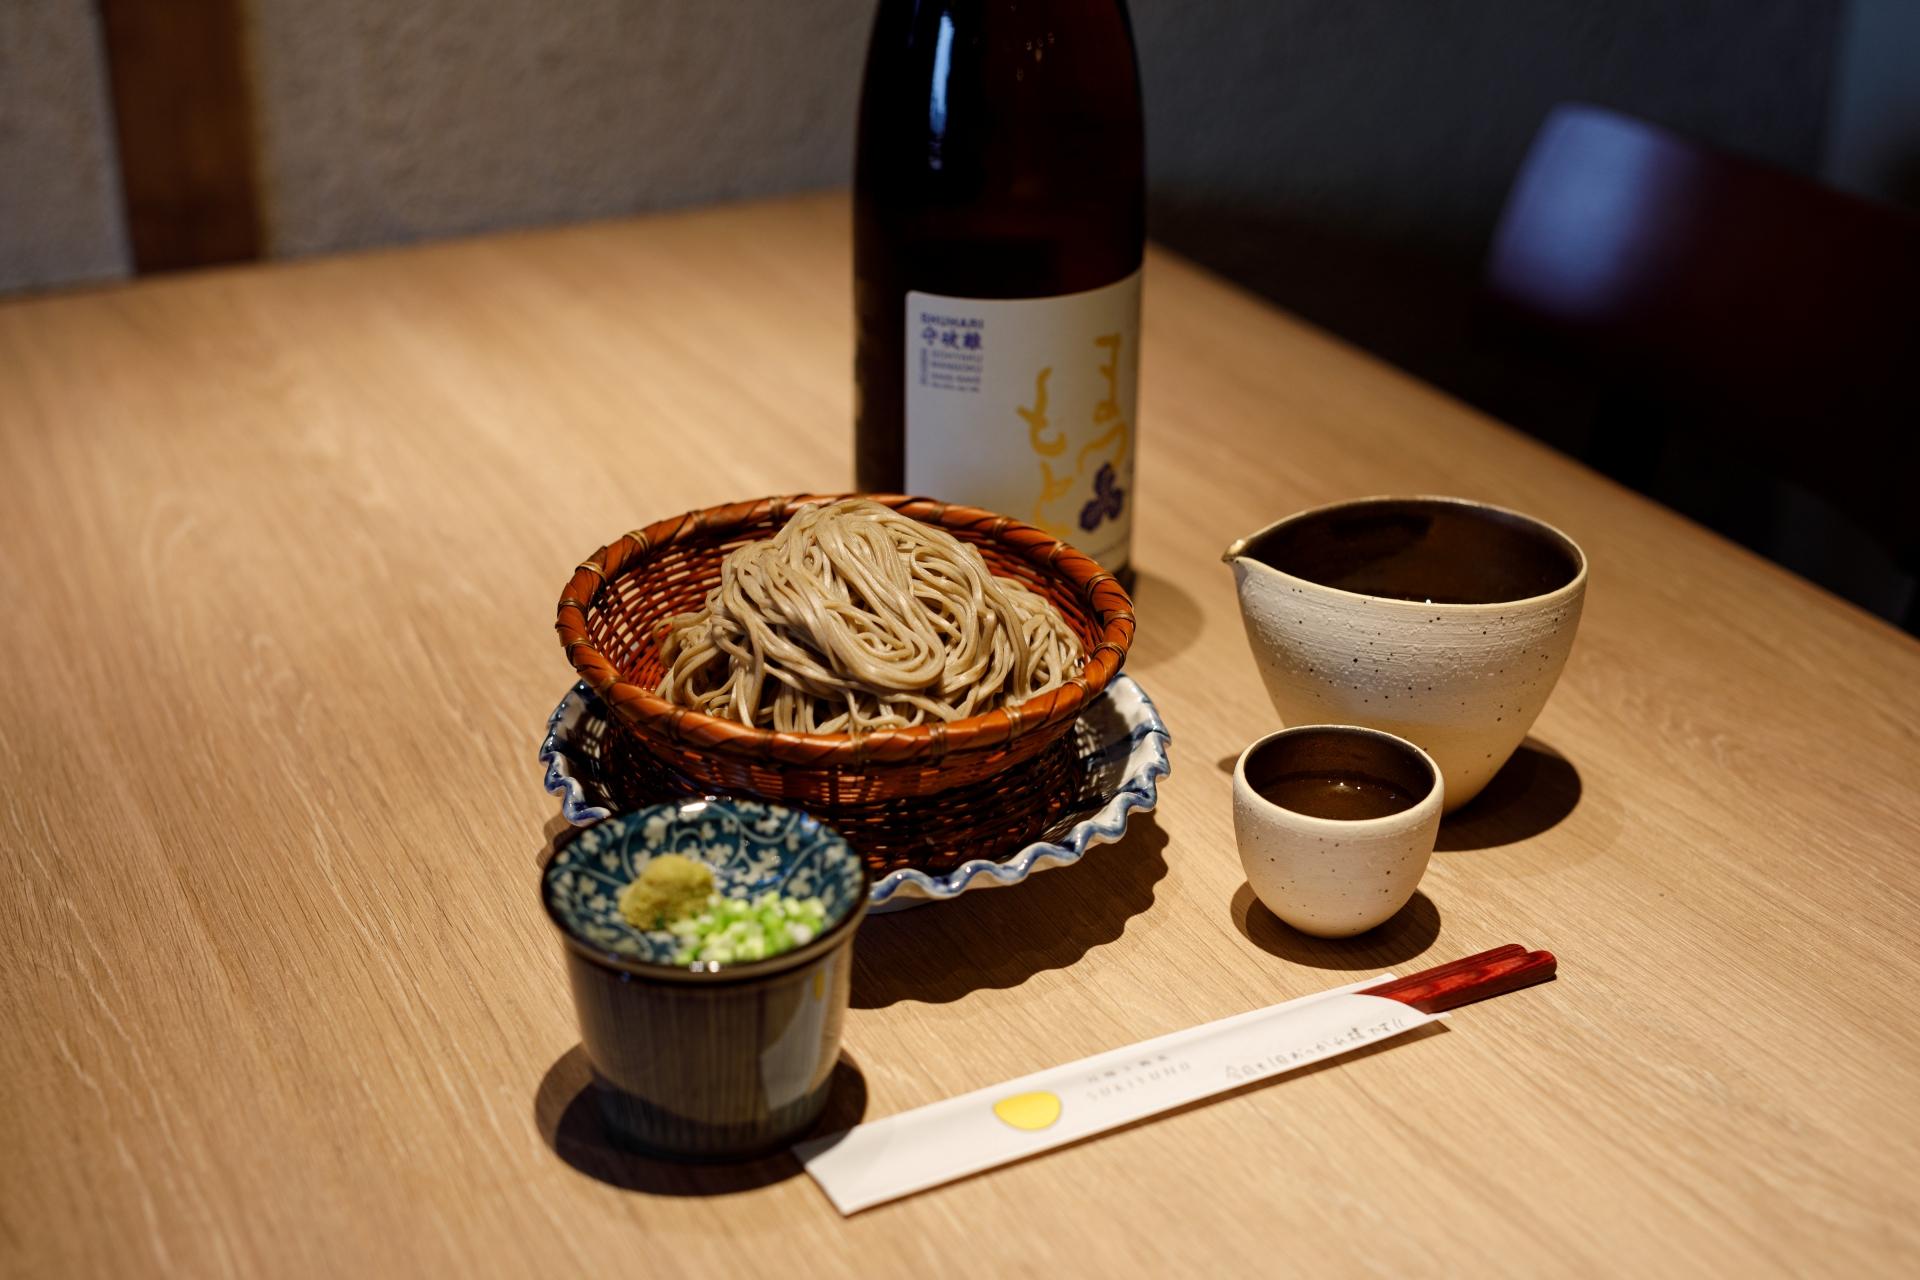 厳選和牛すき焼きをカジュアルに「月邸ト蕎⻨ SUKIYUNO」&絶品みえまぐろに舌鼓を打つ「日本酒とSAKANA 魚や」 - MG 2119